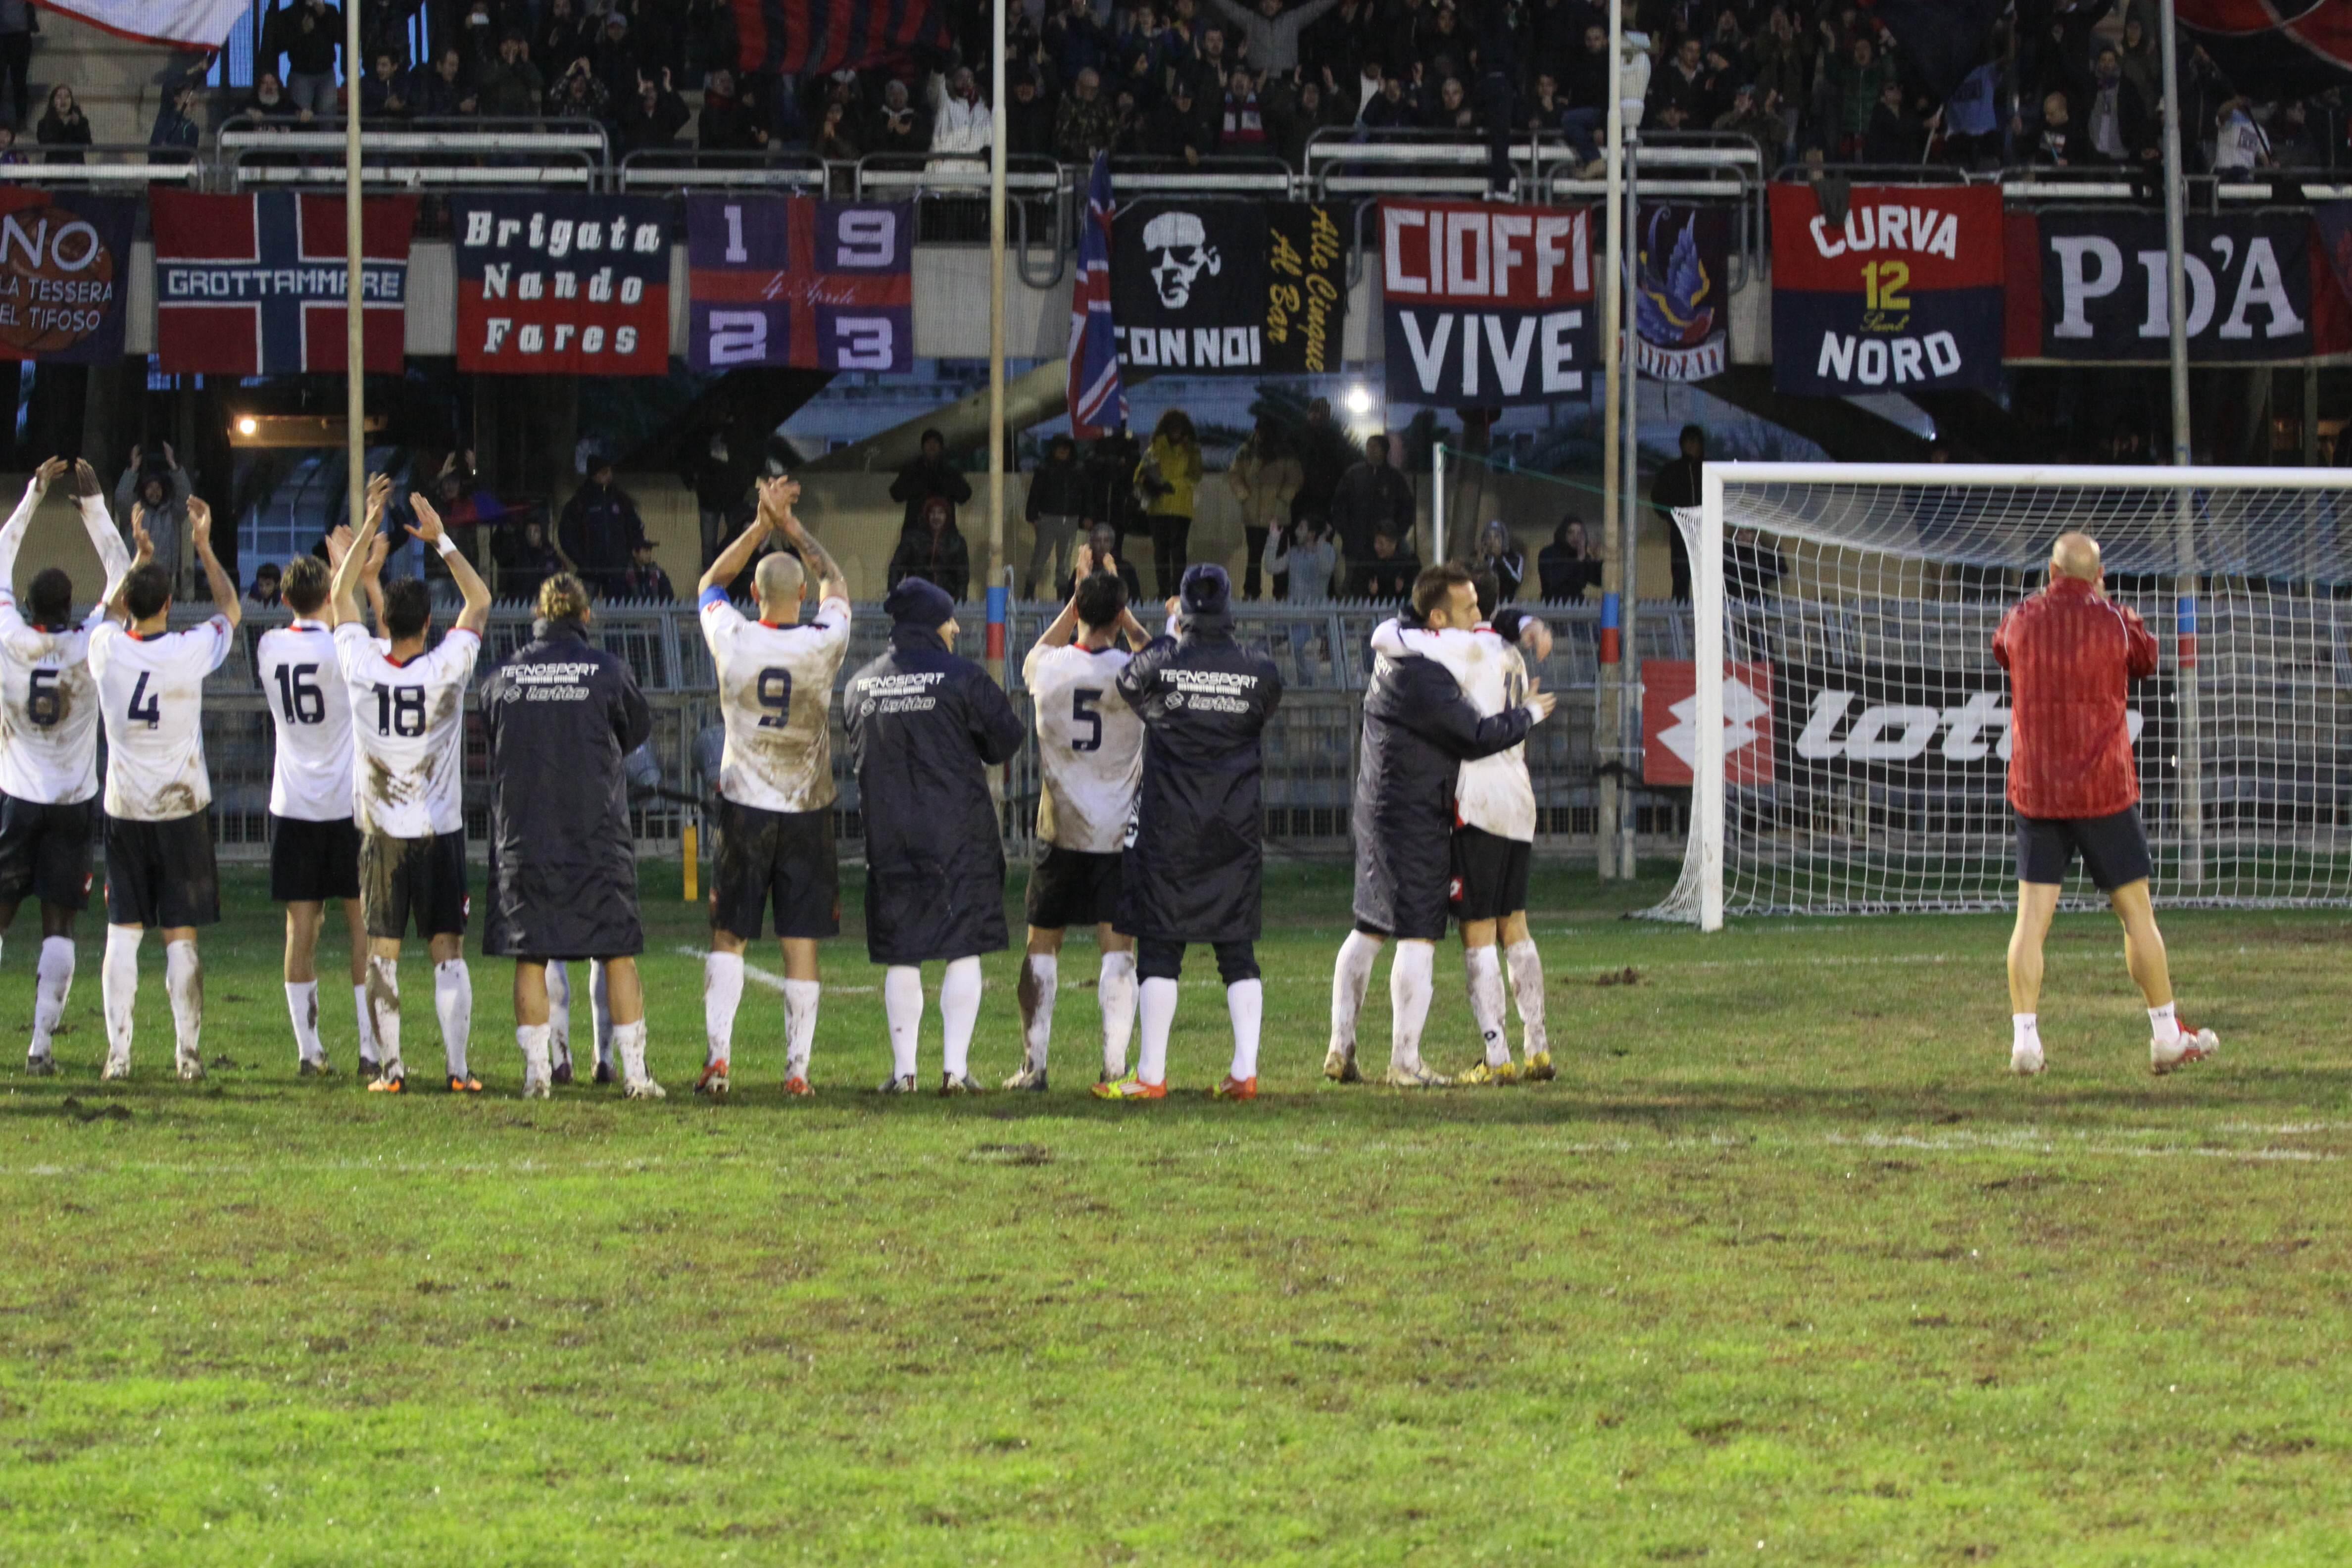 La squadra esulta coi tifosi (foto Bianchini)